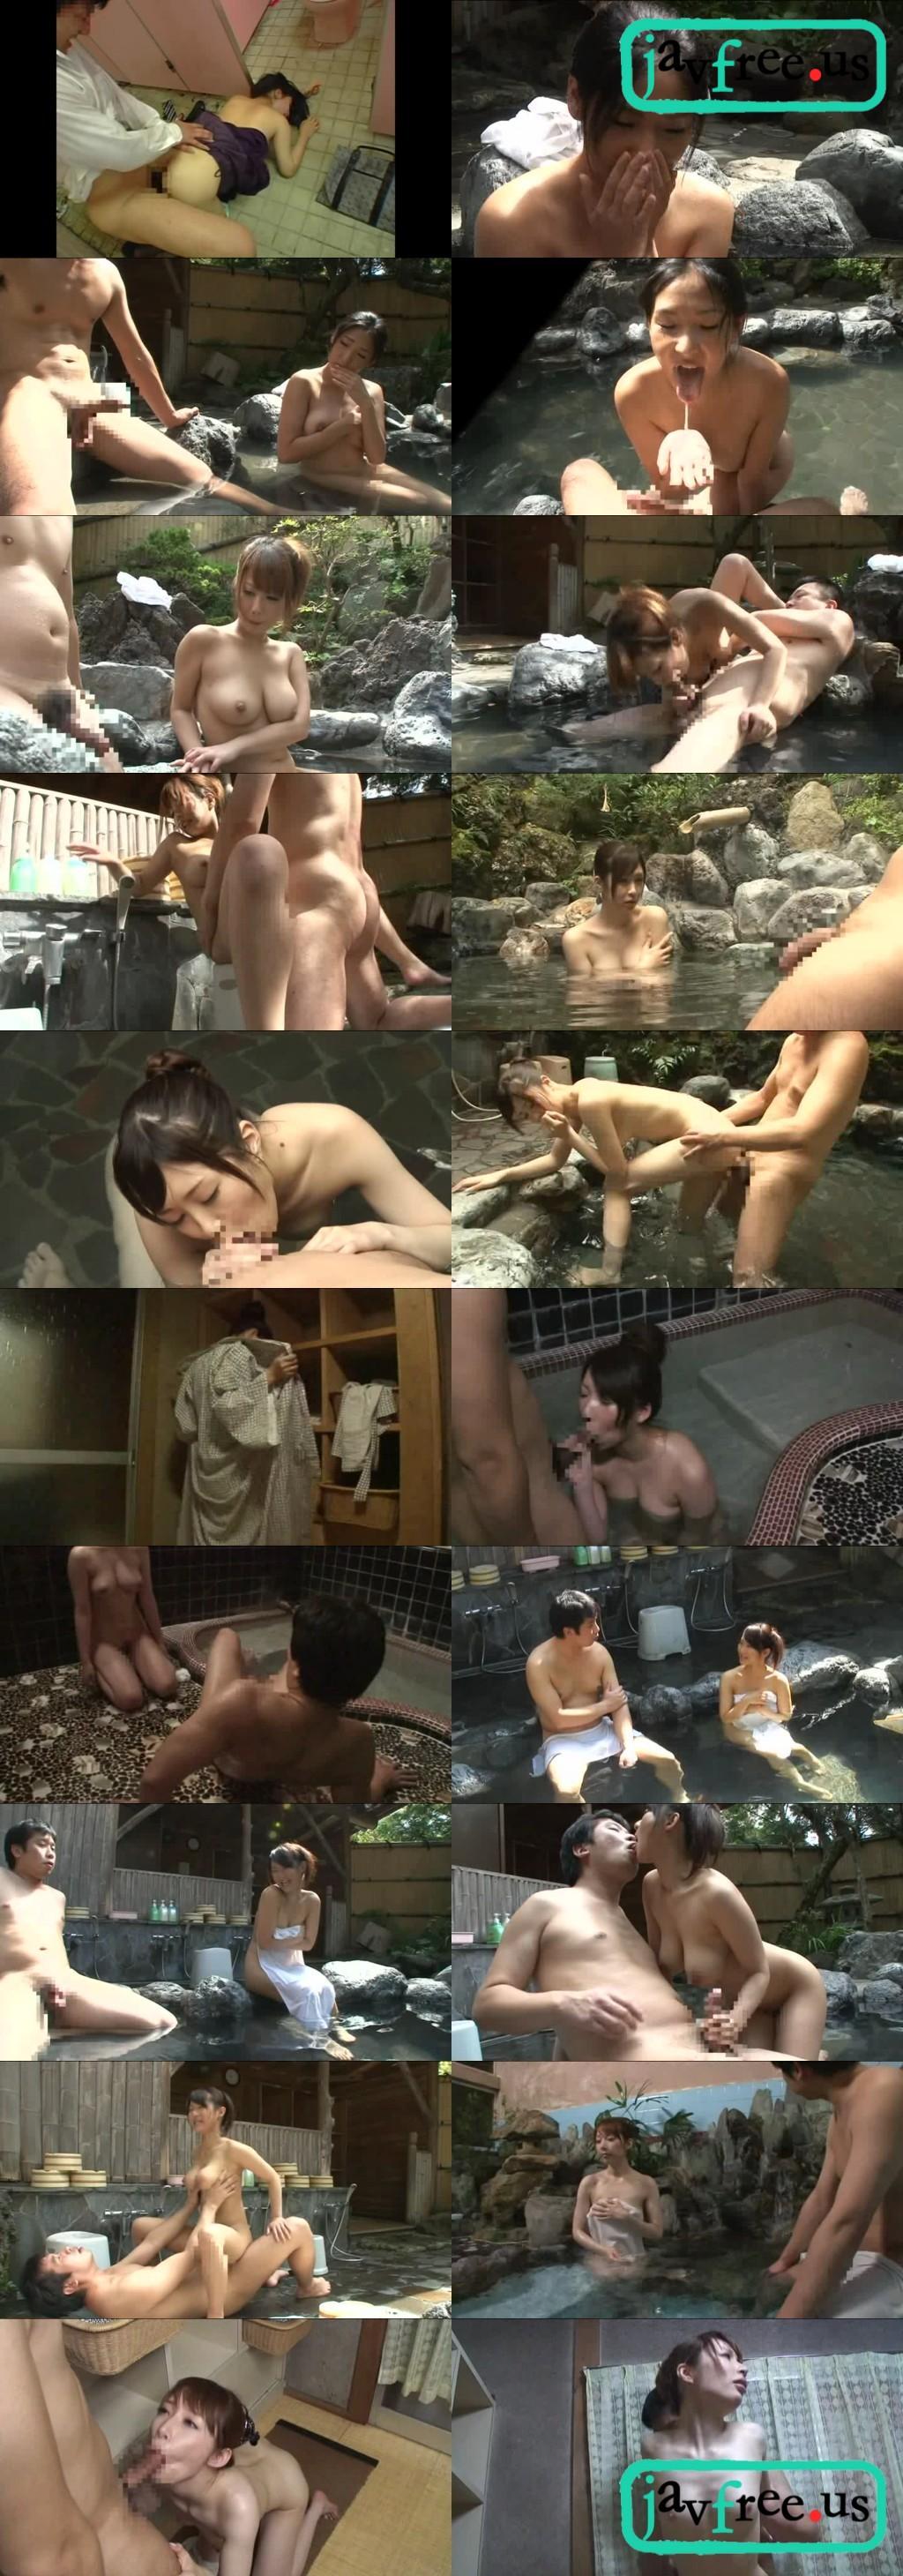 [HUNT 497] 混浴温泉で僕の情けない半勃ち皮かぶりチ◯ポを見た巨乳美女が、その愛くるしい姿に発情して皮を剥いてキレイにしてくれた。 HUNT